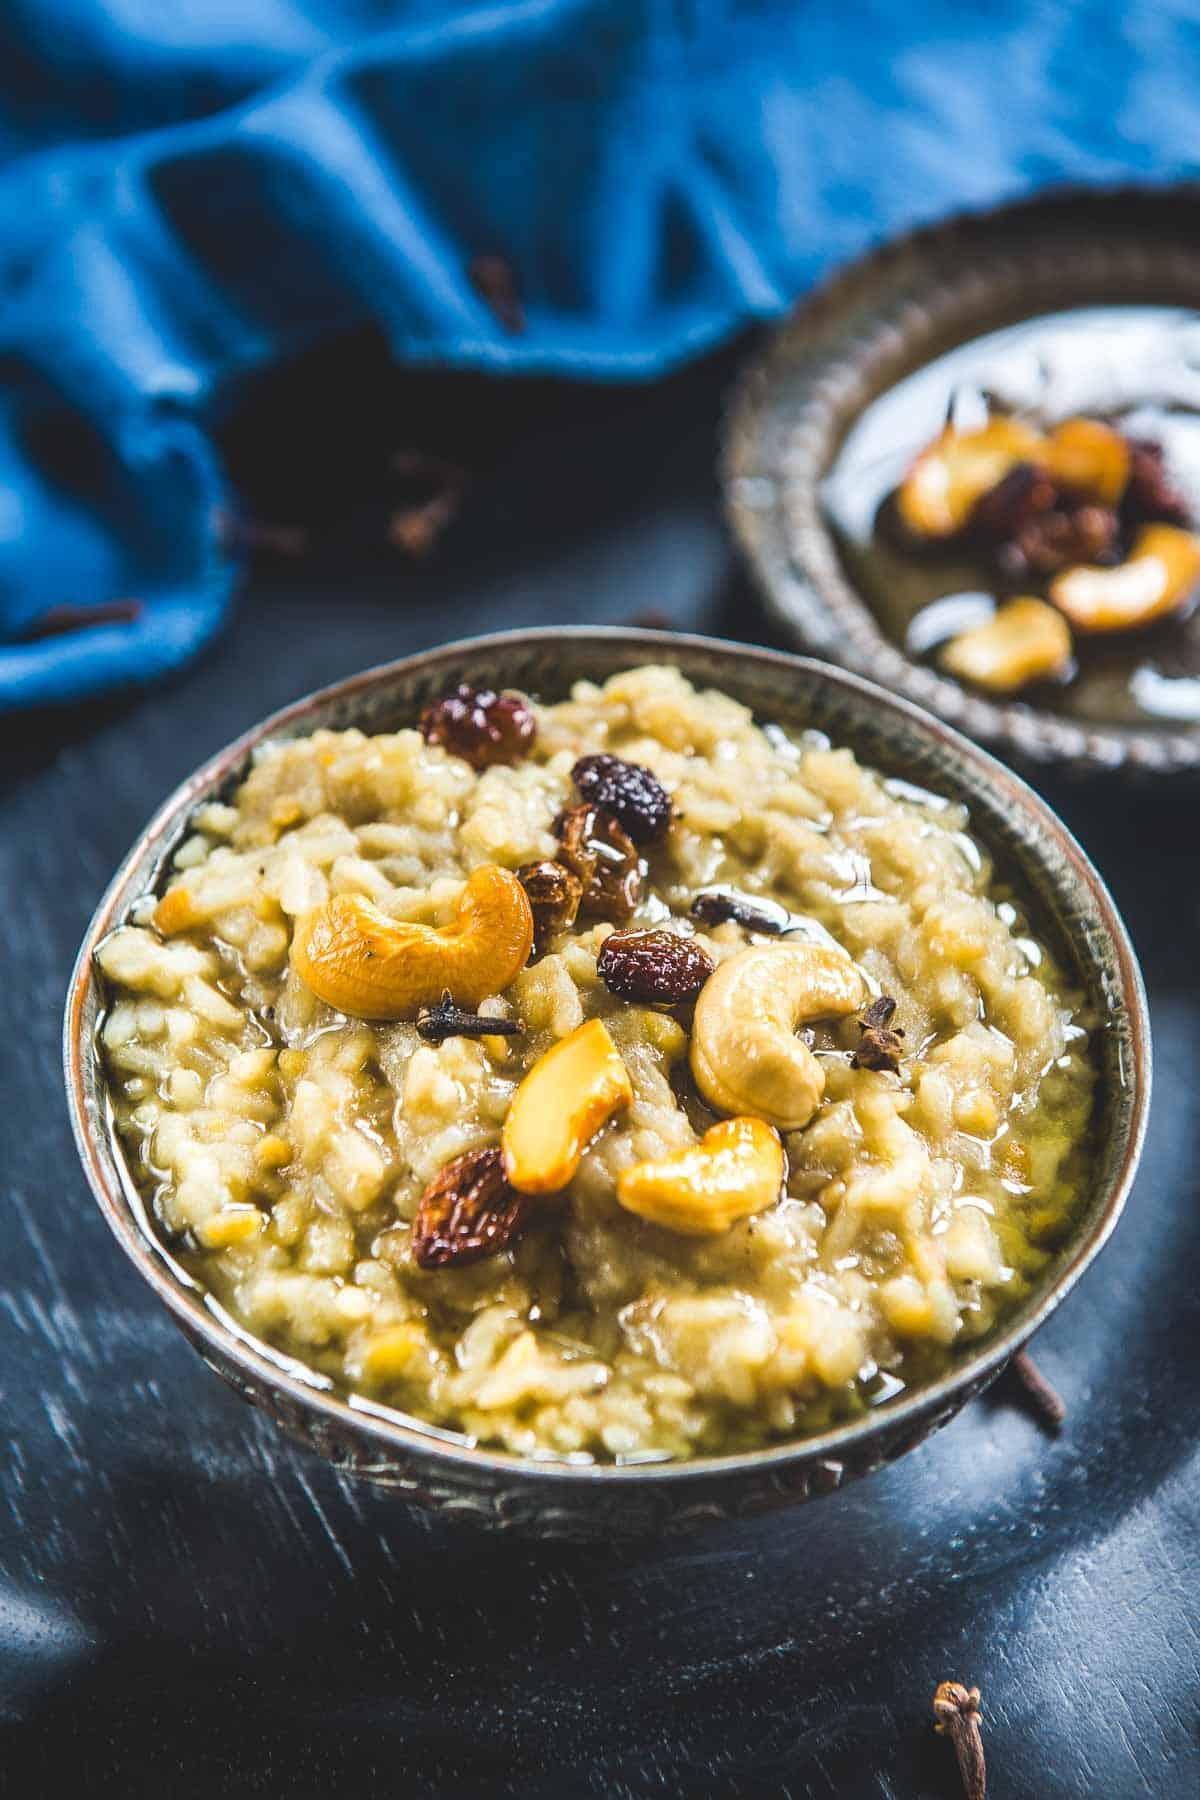 Sakkarai Pongal served in a bowl.